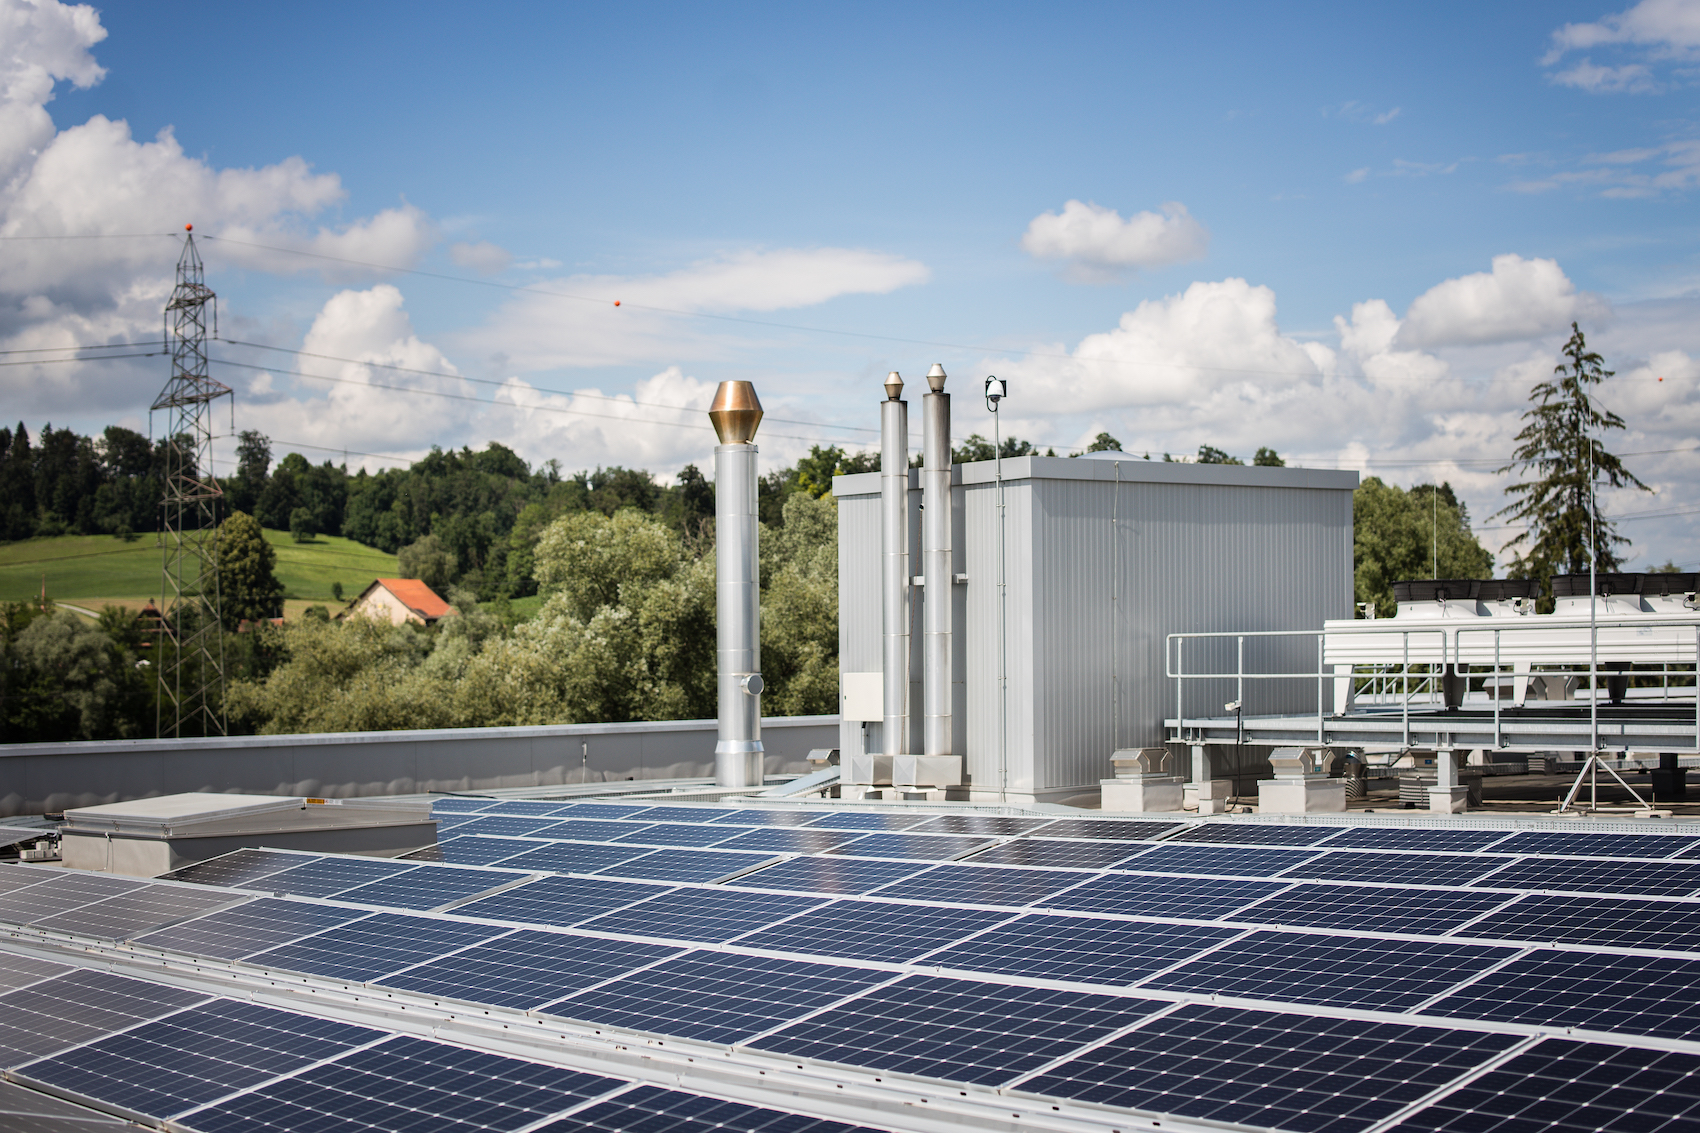 Am besten fahren auch Private, wenn der Strom vom Dach nicht zurück ins Netz gespiesen wird – sondern vor Ort verbraucht oder gespeichert.